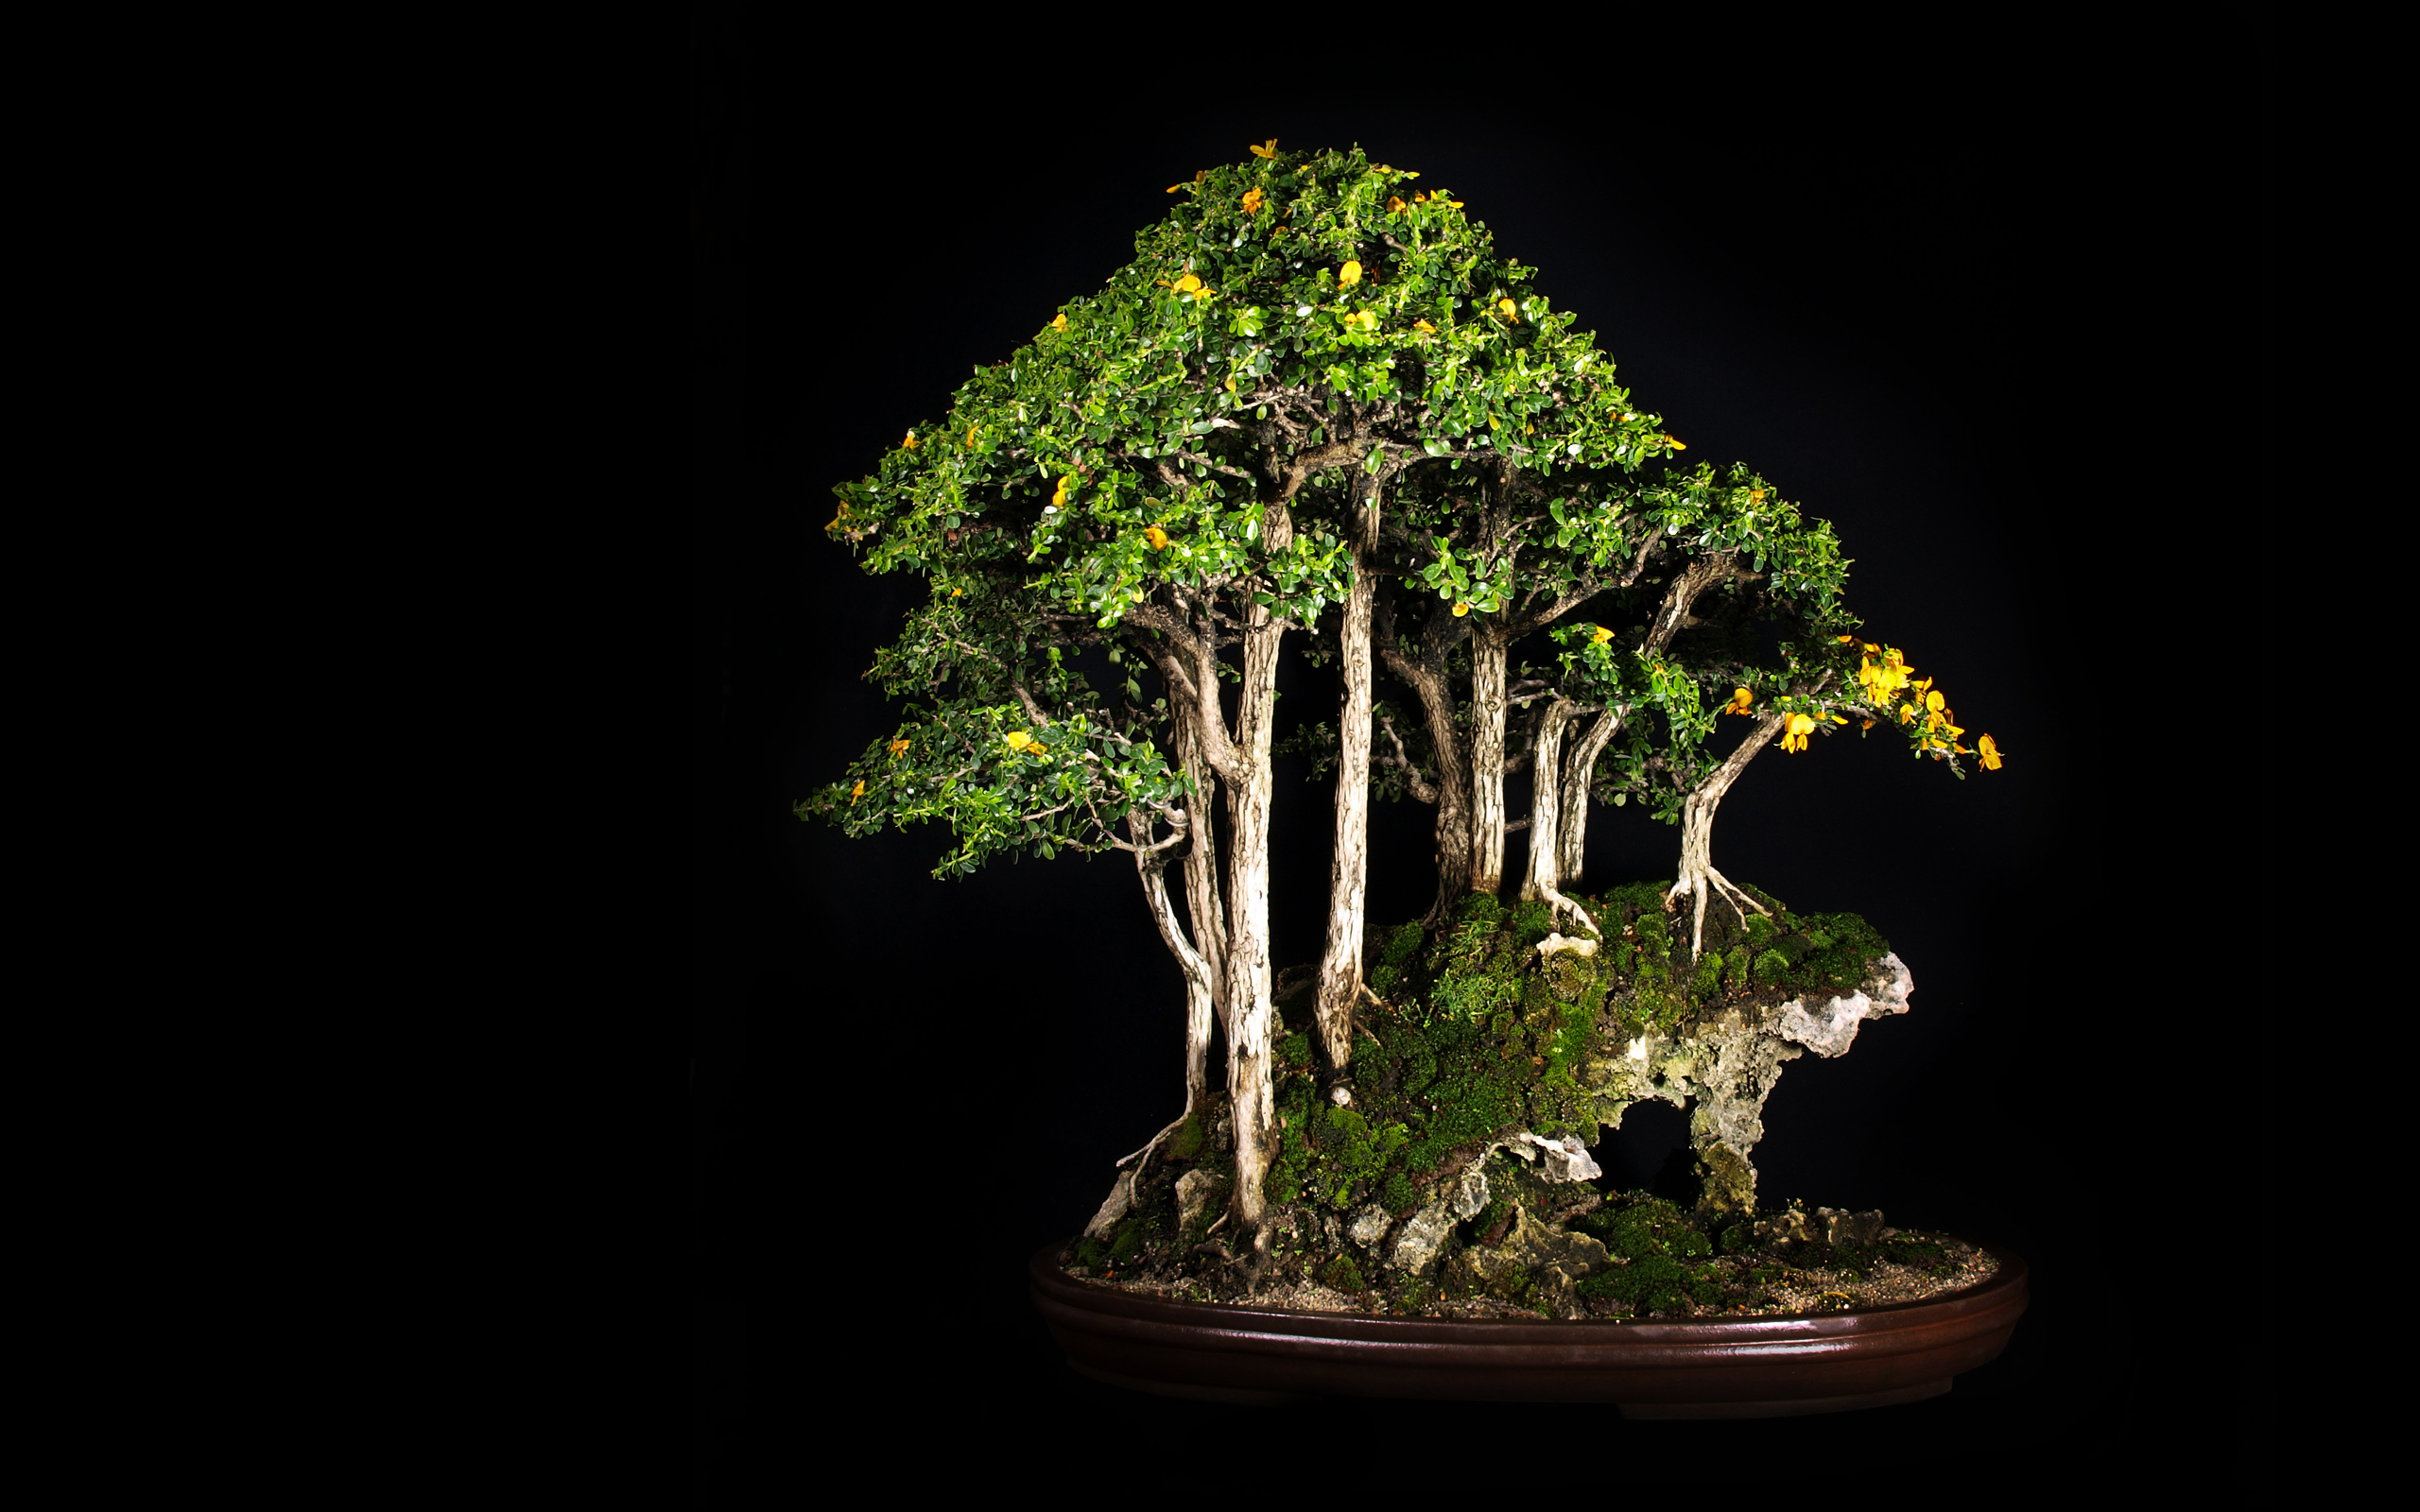 bonsai wallpaper 03 ndash - photo #1